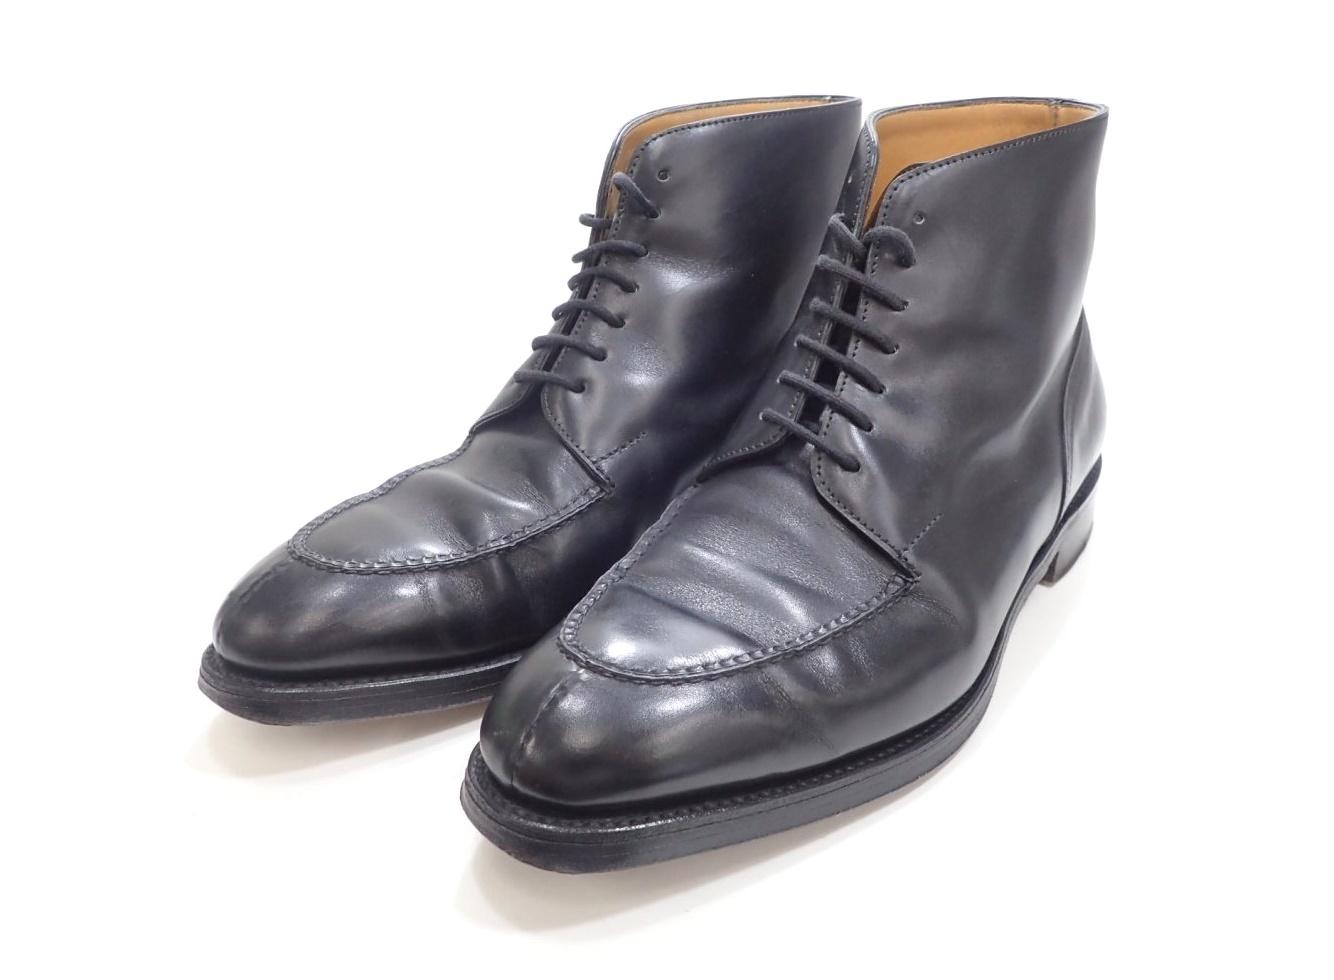 ジョンロブ(JOHN LOBB) シャンボードⅡブーツ(CHAMBORDⅡ BOOT) Uチップ ブーツを宅配買取にて神奈川県川崎市にお住いのお客様より高価買取いたしました。